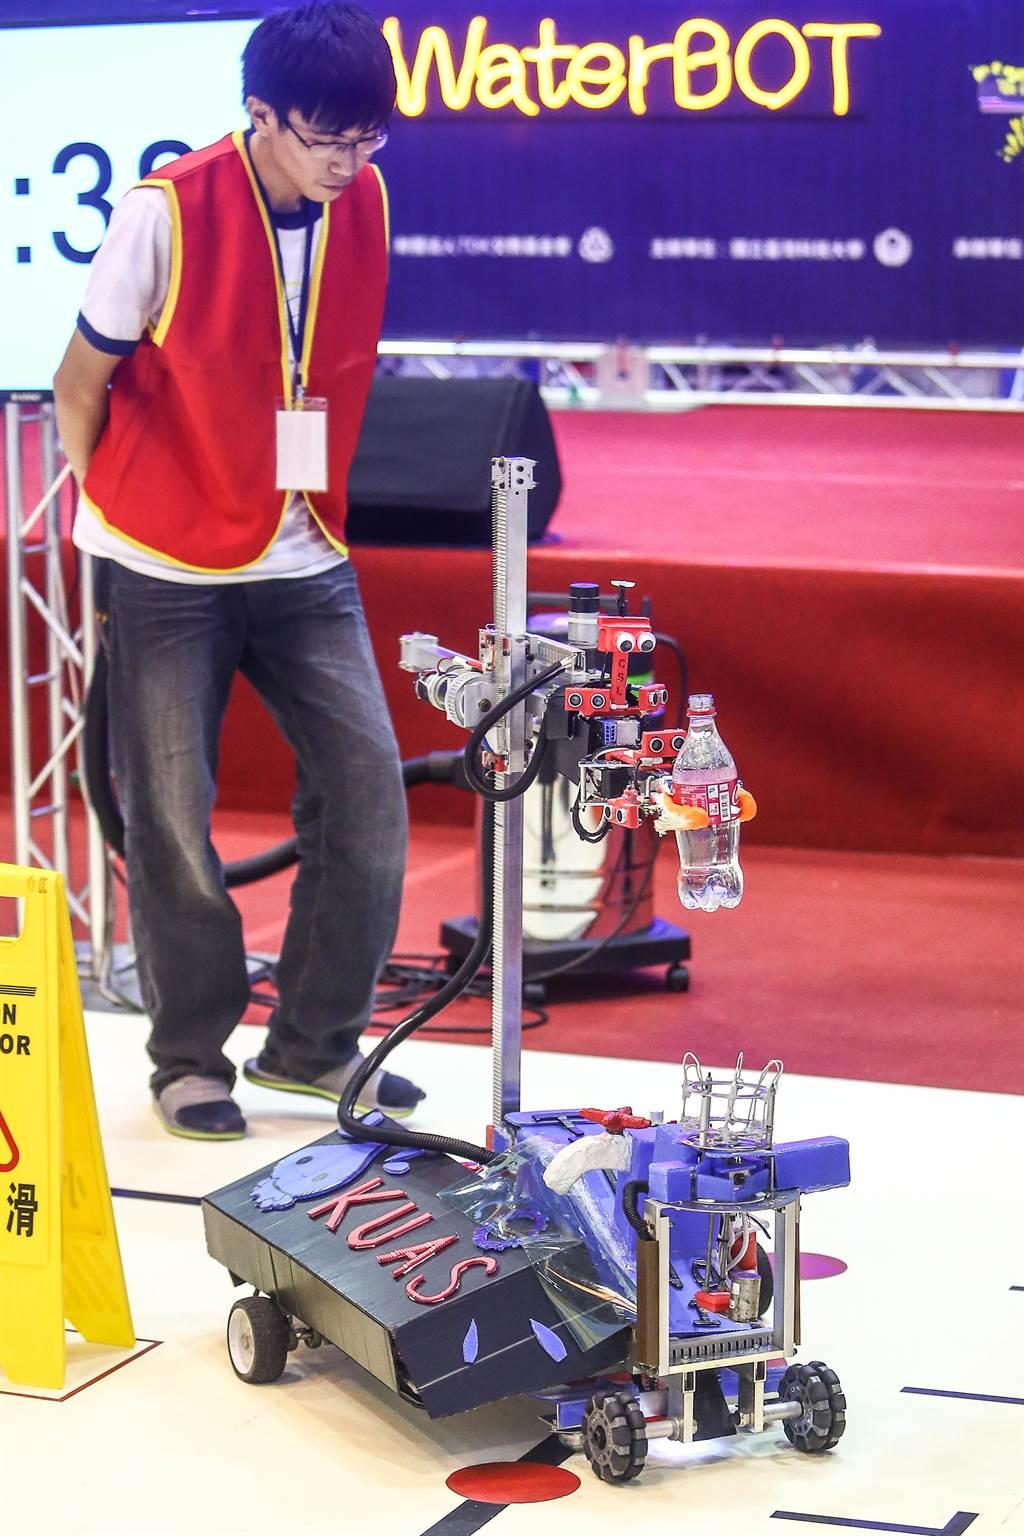 第20屆TDK盃機器人競賽16日舉辦決賽,全國大專校院46支隊伍同台較勁,讓自家打造的機器人,力拚3分鐘內完成開冰箱、取水、倒水、送水任務,爭奪冠軍5萬元獎勵與免費赴日觀摩機會。自動組由高雄應用科技大學的「飲水思源」隊奪冠。(鄧博仁攝)